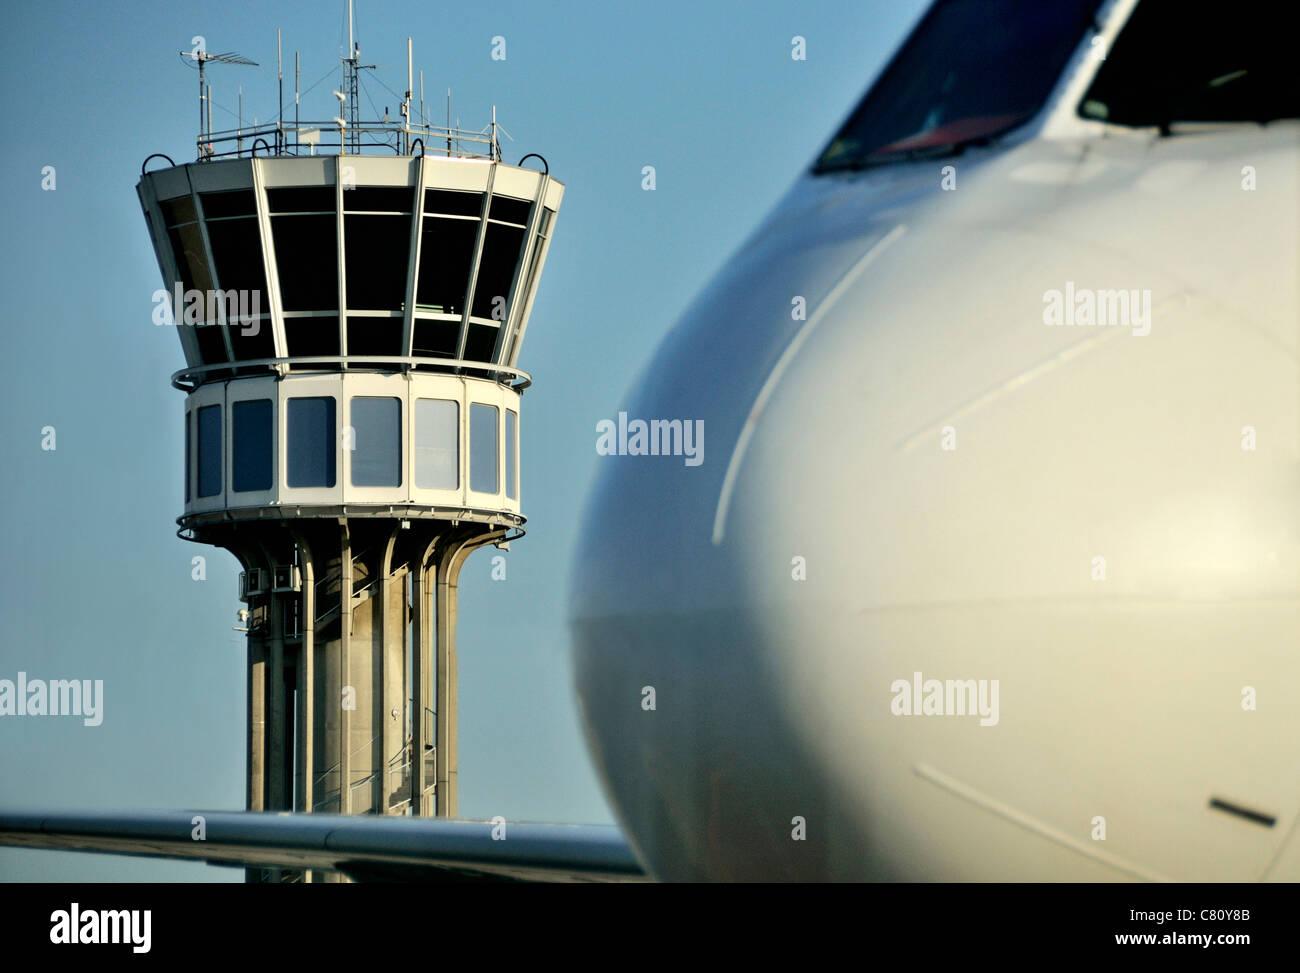 Torre de control del tráfico aéreo y el avión al aeropuerto de Saint Exupery, Lyon, Francia. Foto de stock